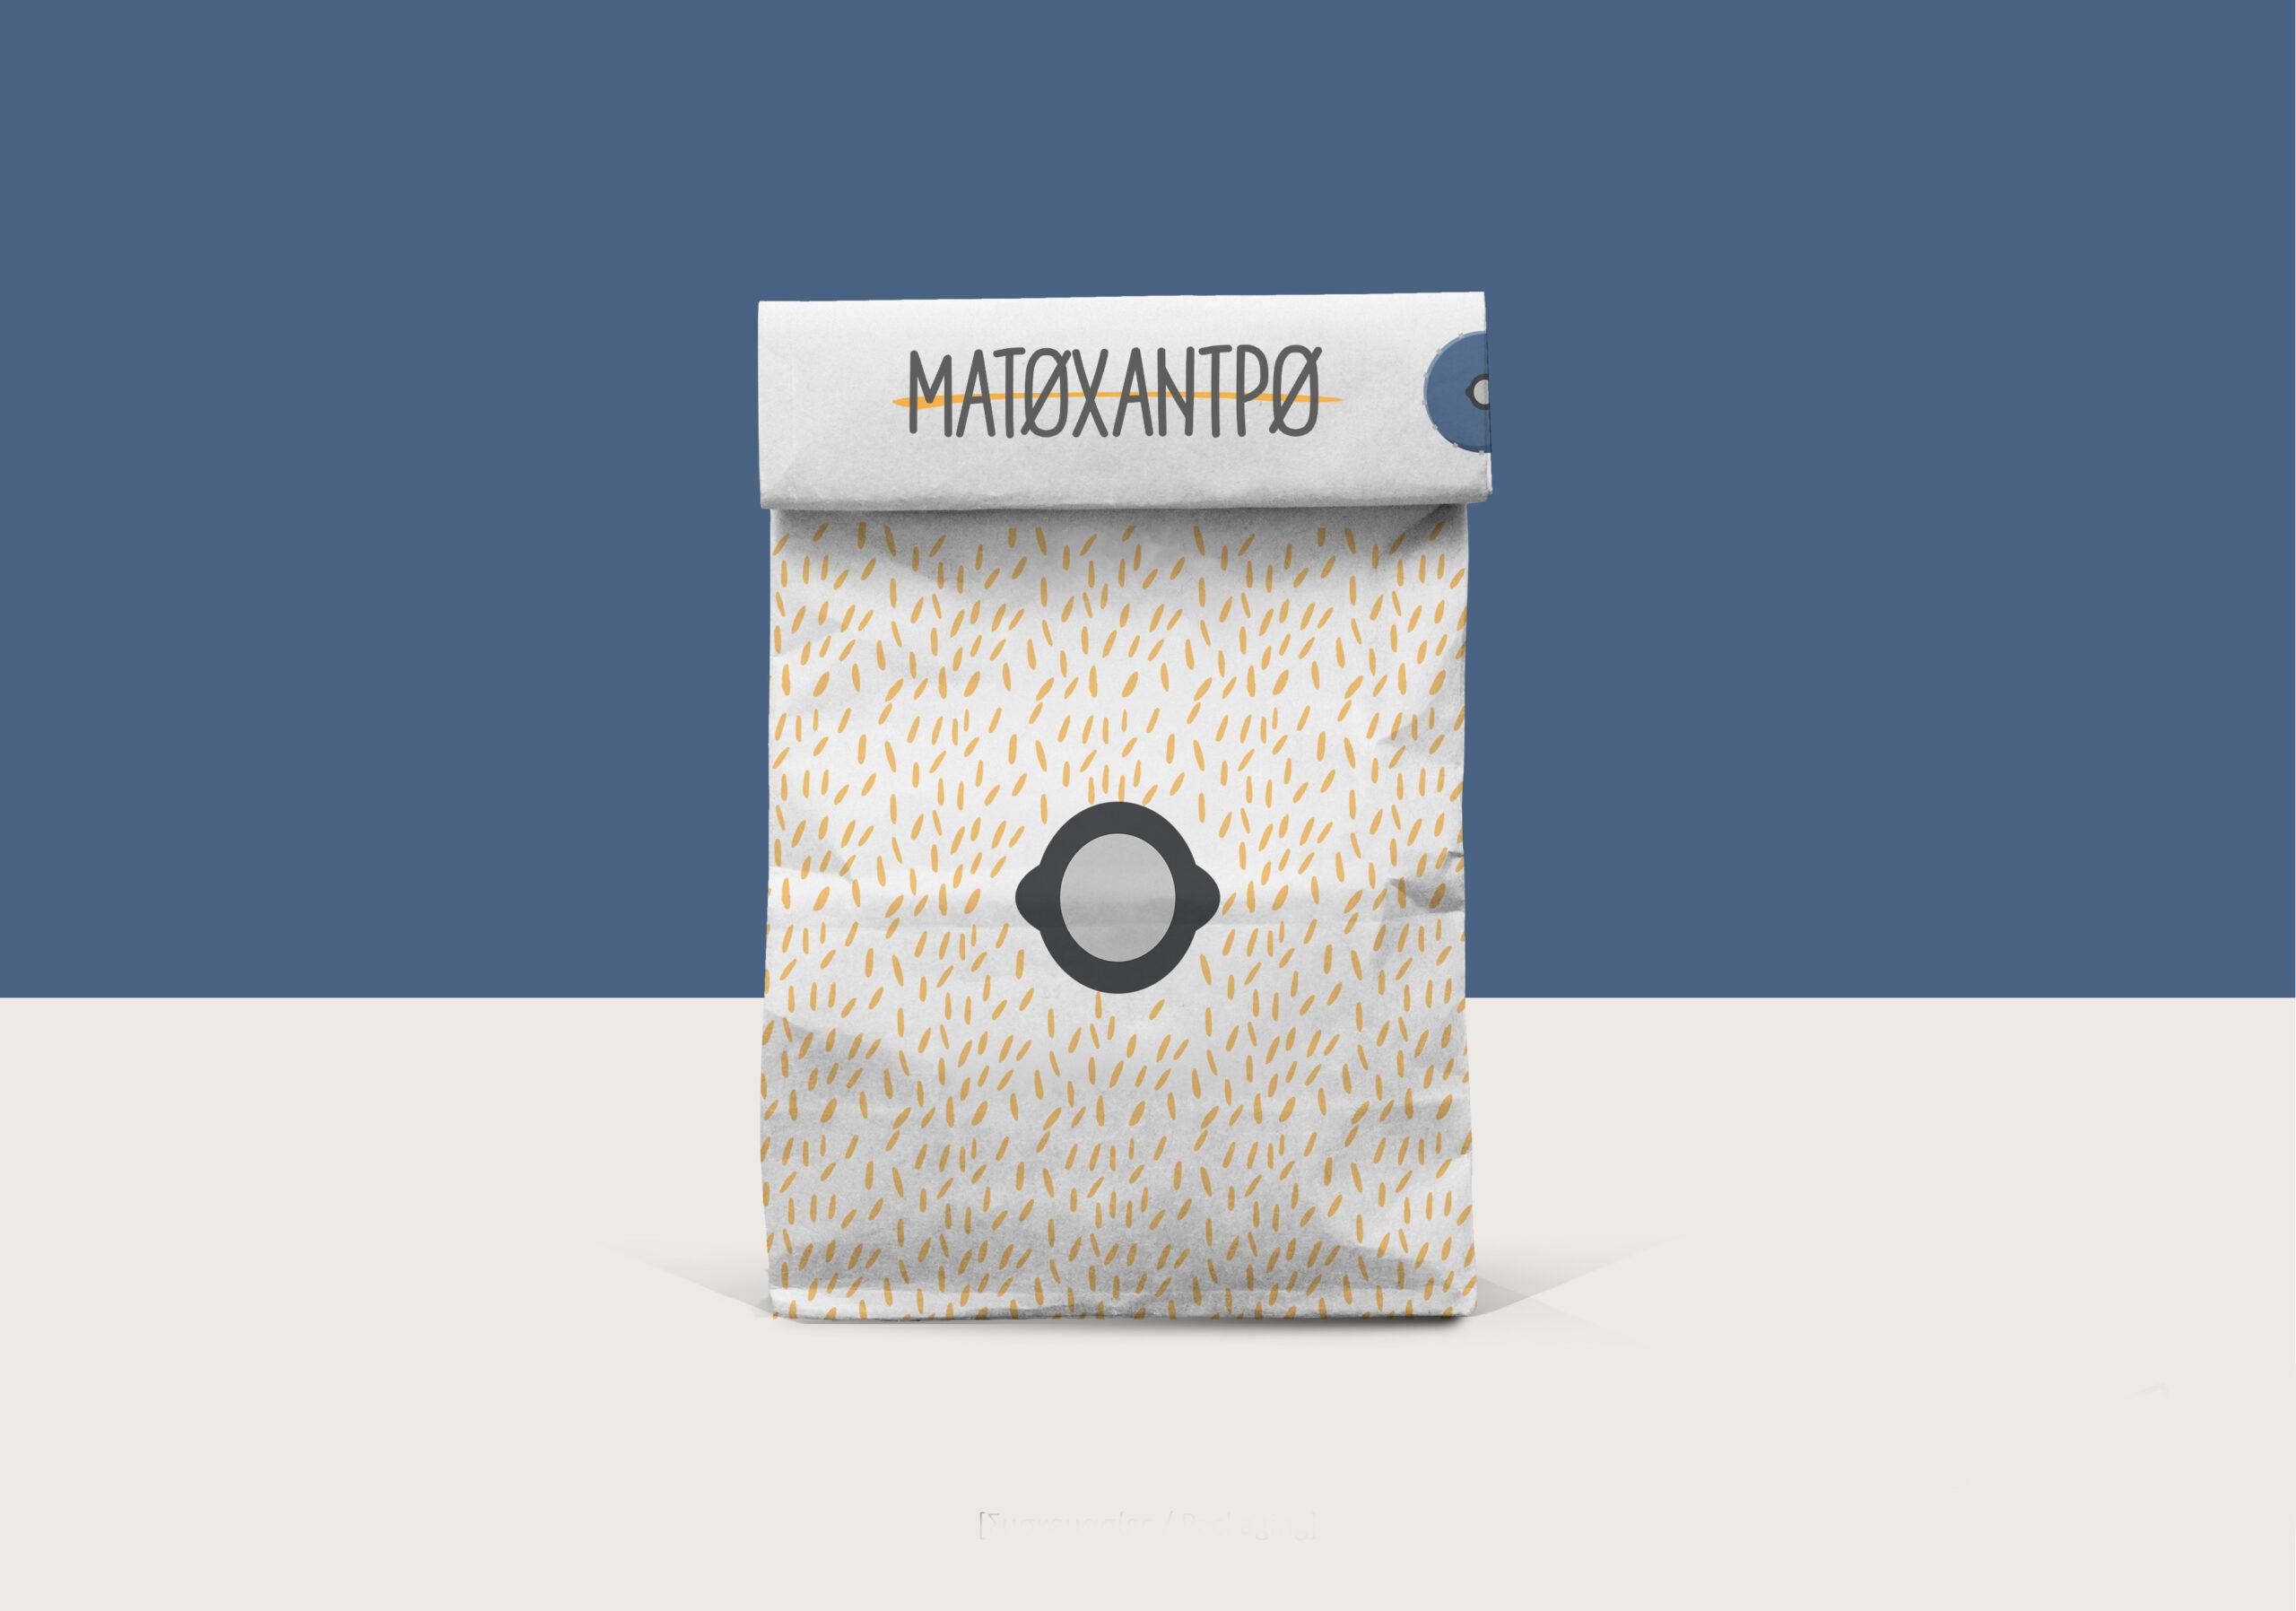 MATOXANTPO 9